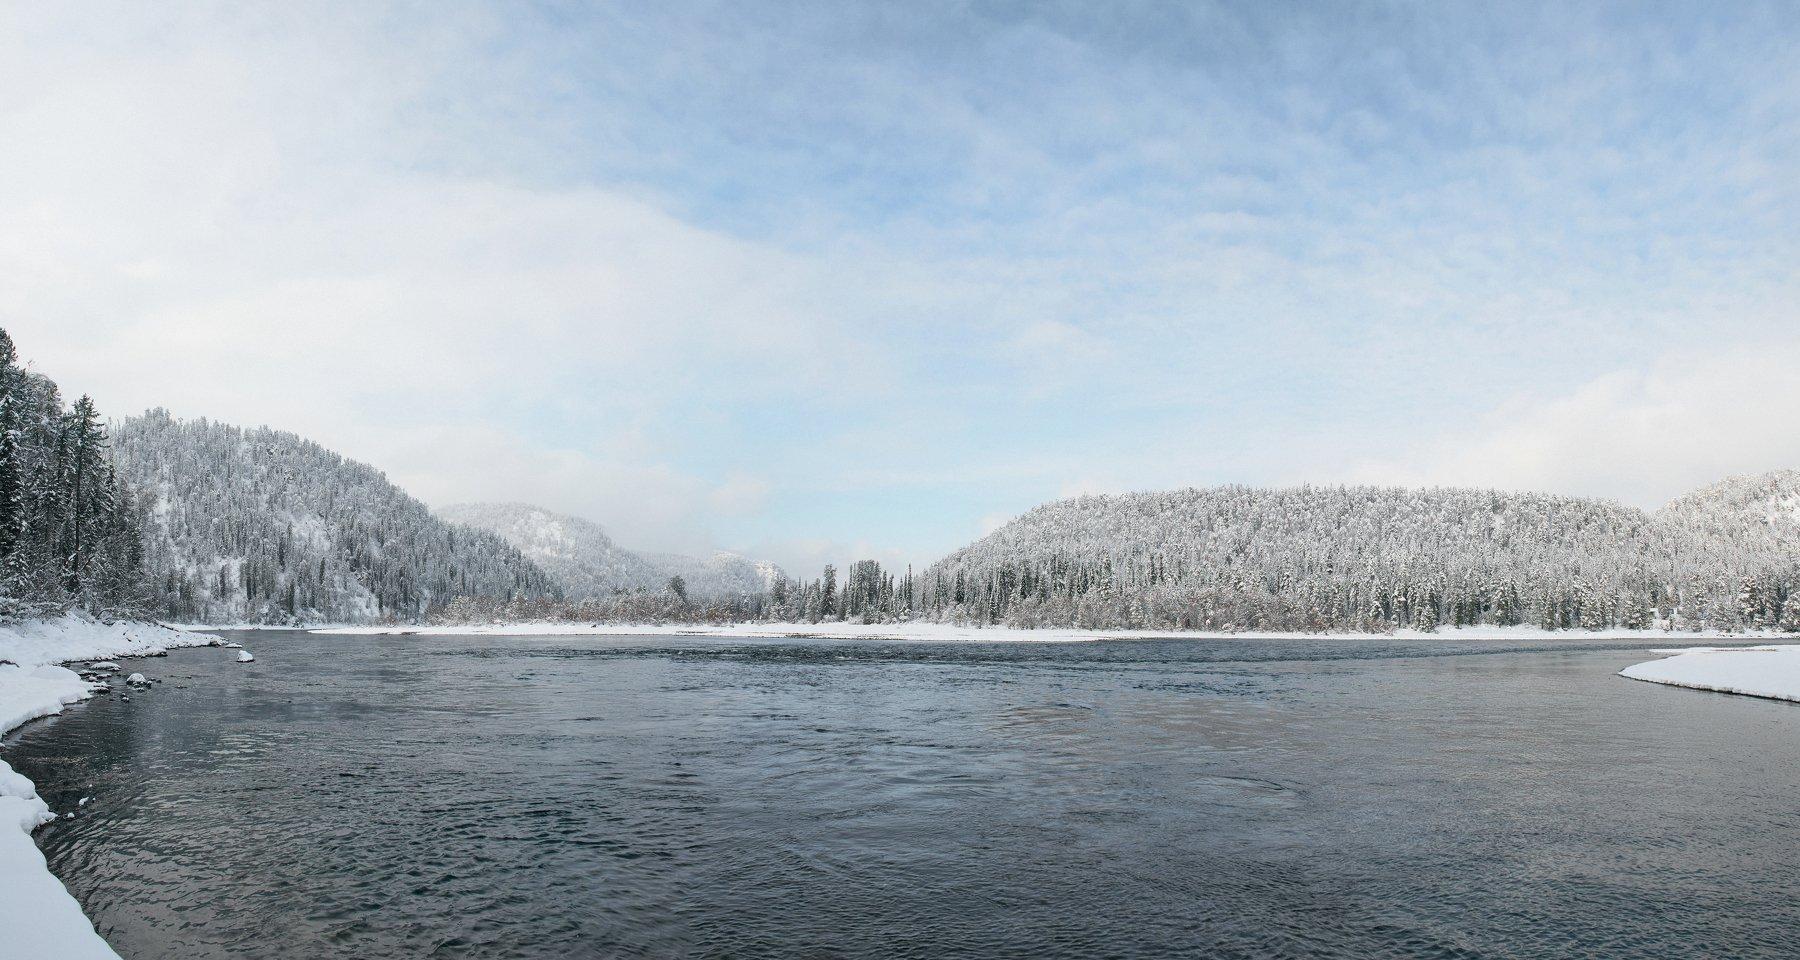 алтай, река, путешествие, Цвелёв Дмитрий